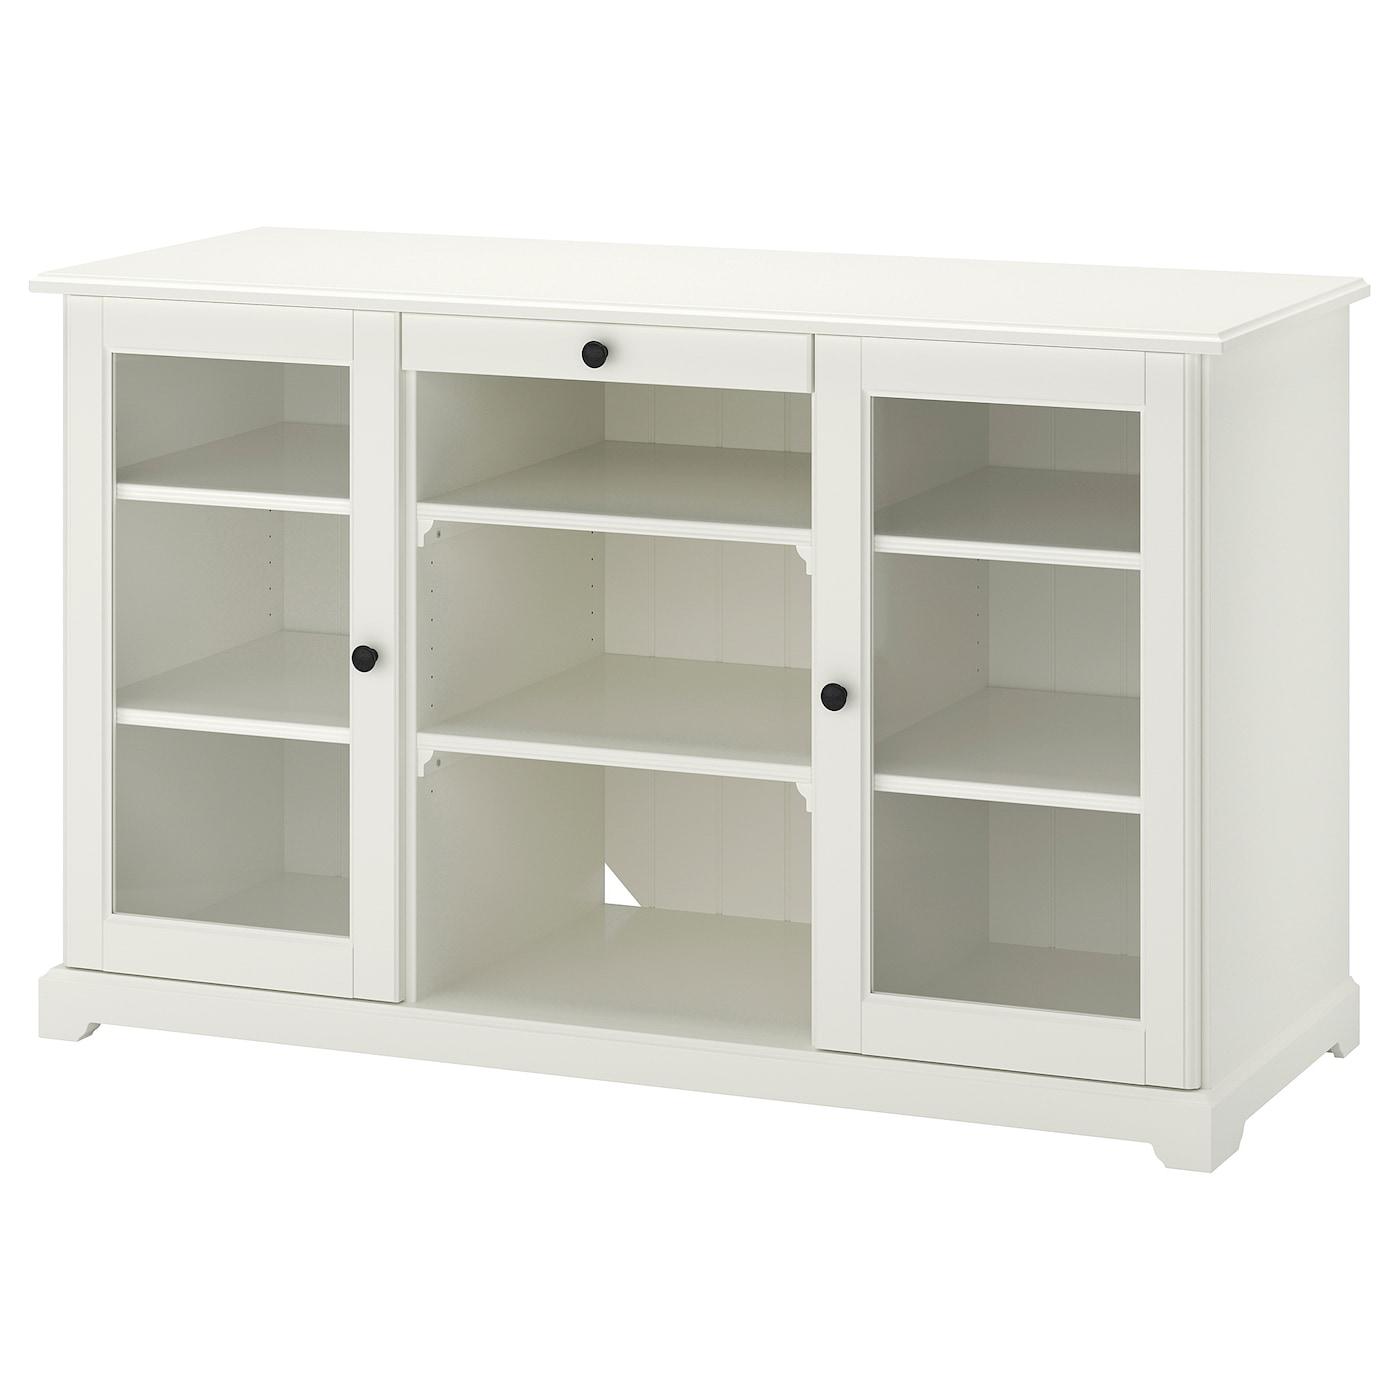 Armarios Aparadores para Salón o Comedor | Compra Online IKEA